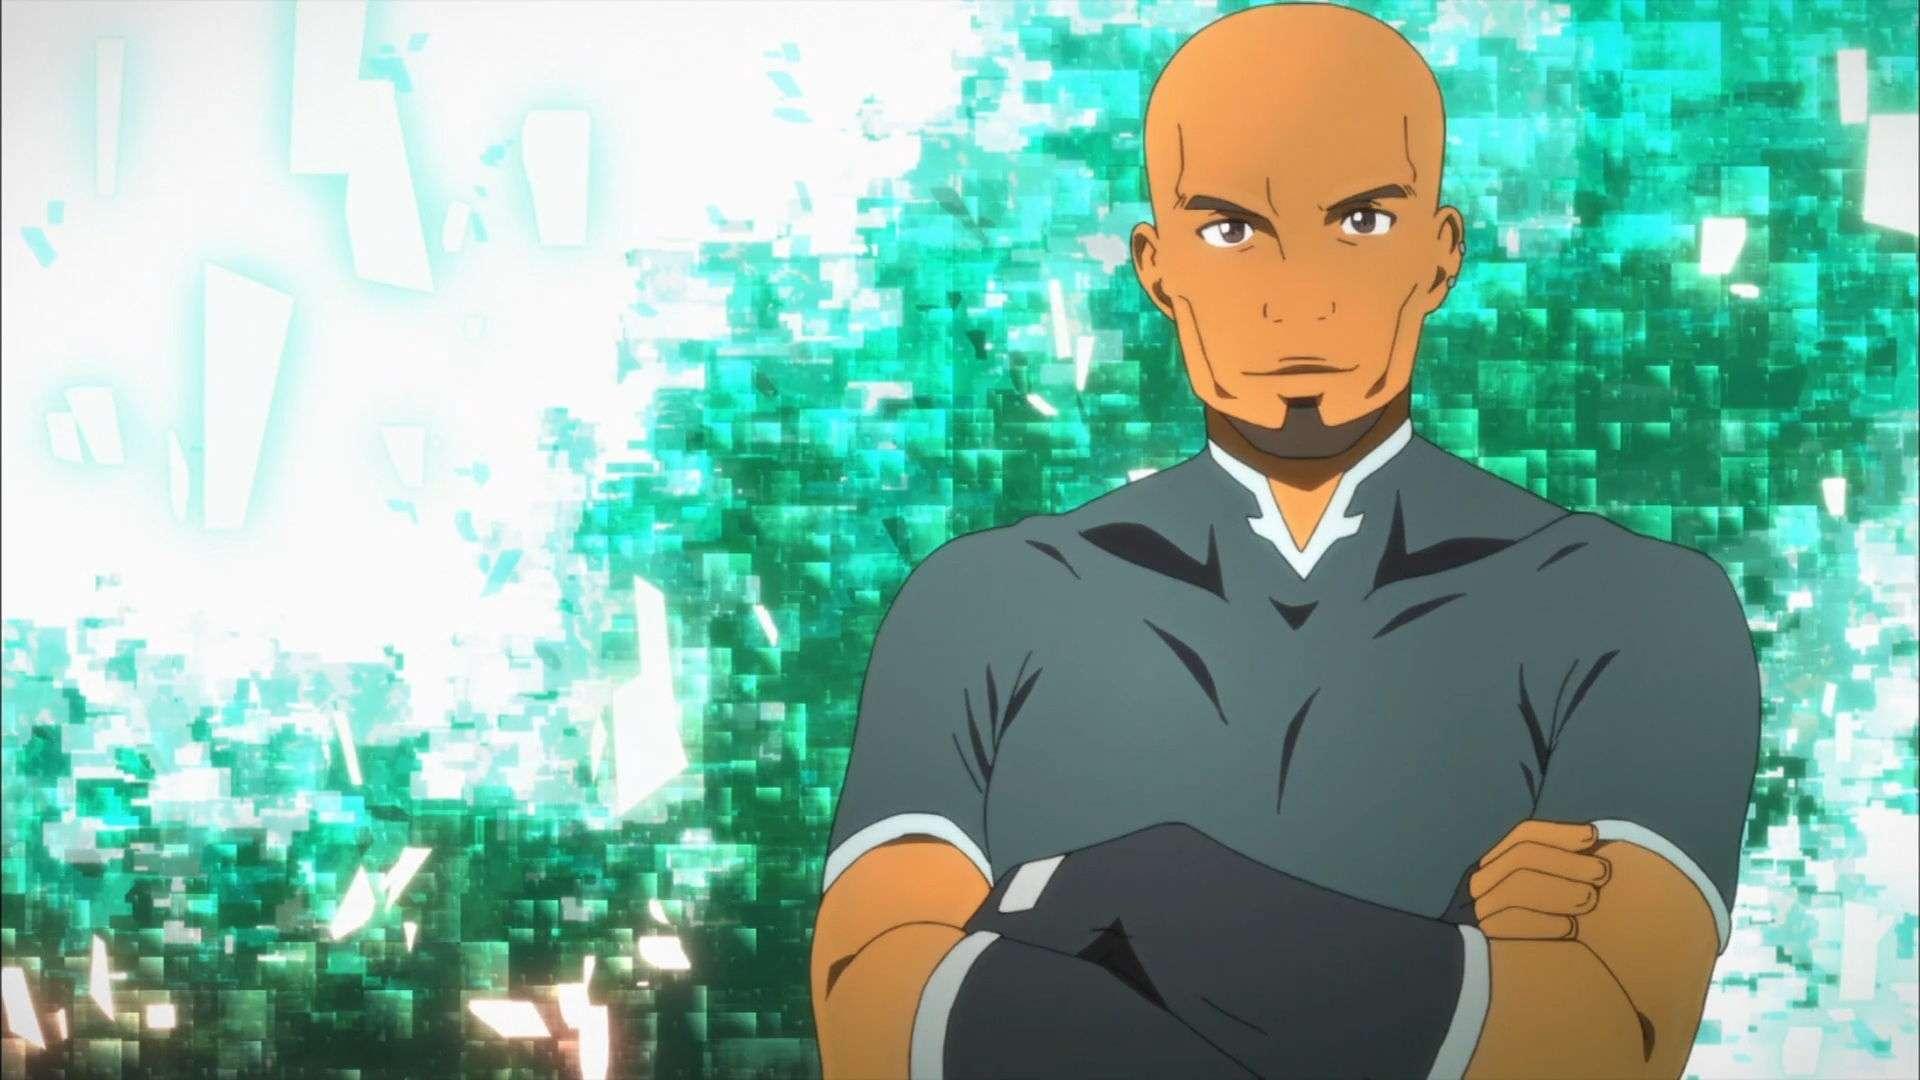 Sword Art Online Anime Wallpaper 007